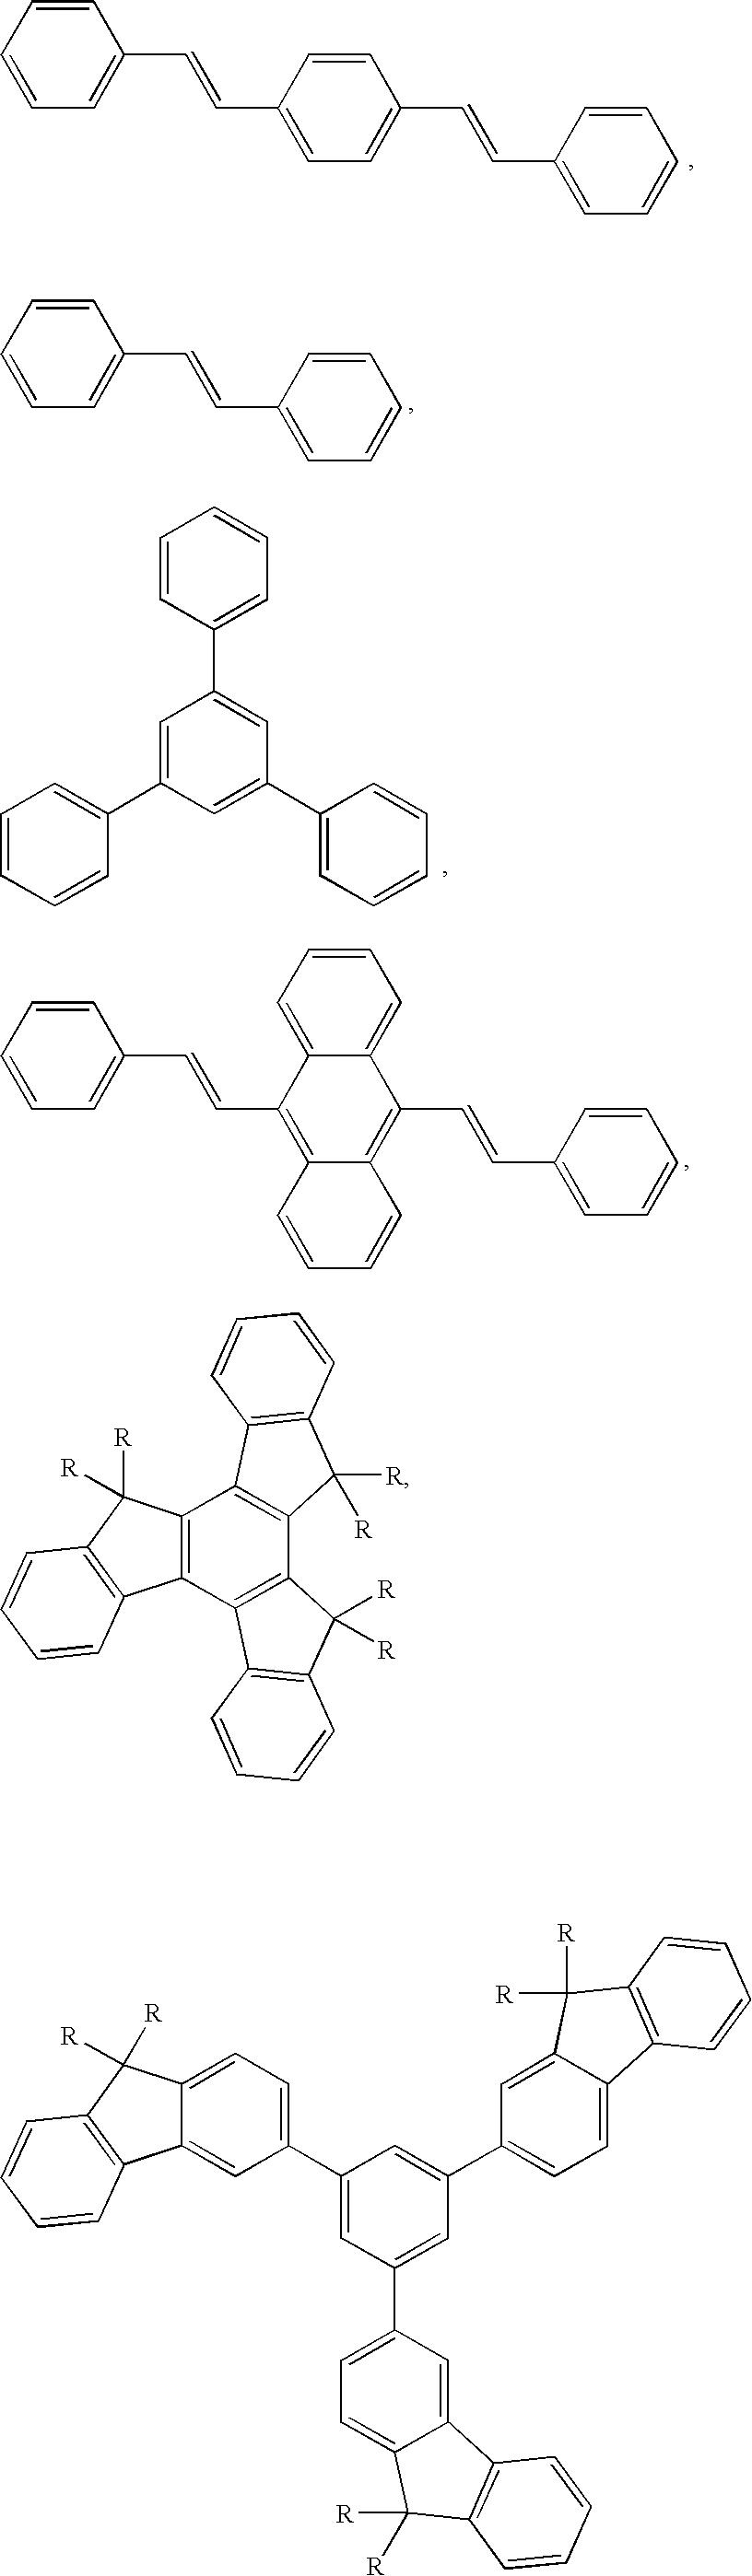 Figure US20070107835A1-20070517-C00021